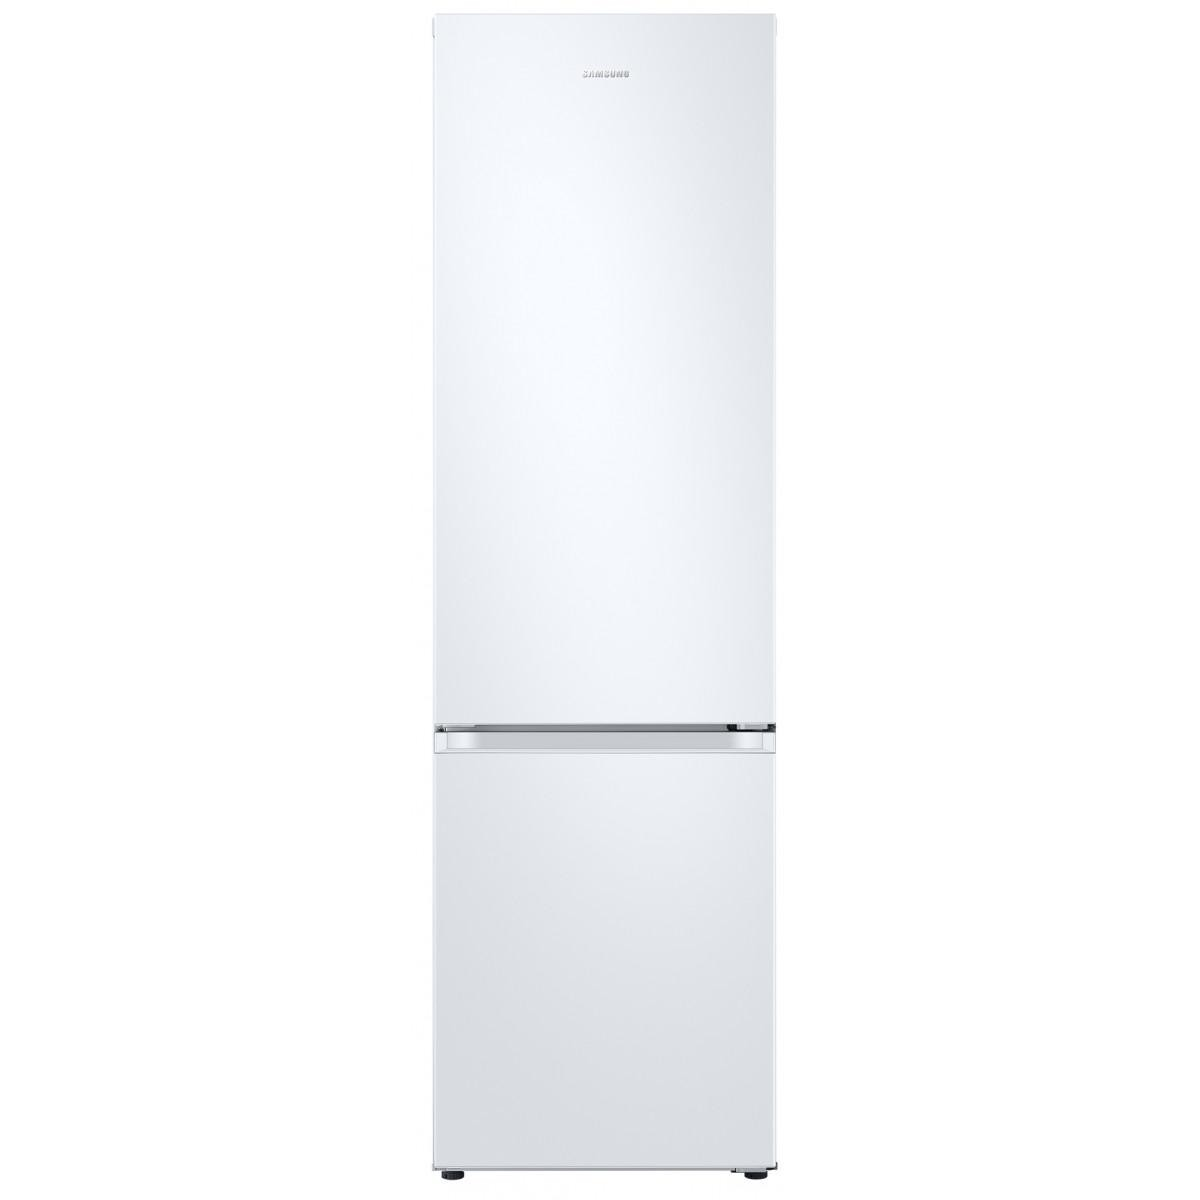 Samsung Réfrigérateur Combiné Froid Ventilé Samsung 59.5cm A+, Rb 3 Et 600 Fww